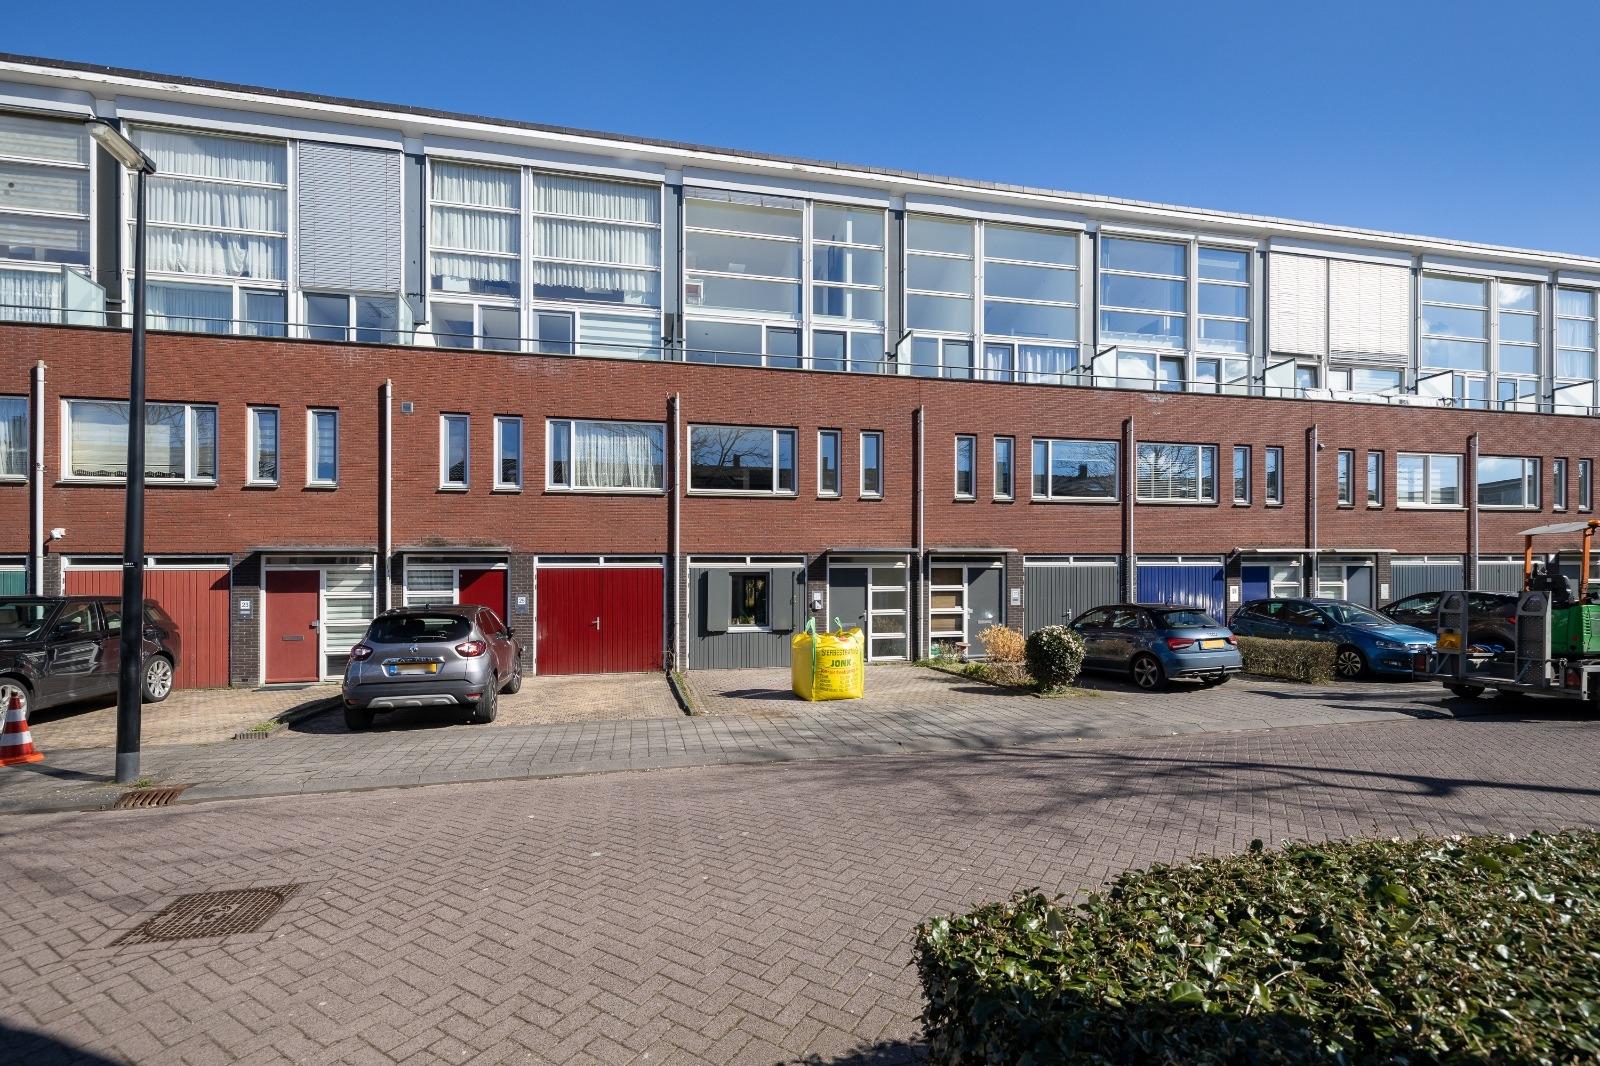 Te huur: Hebridenlaan 27B, 1060LS Amsterdam